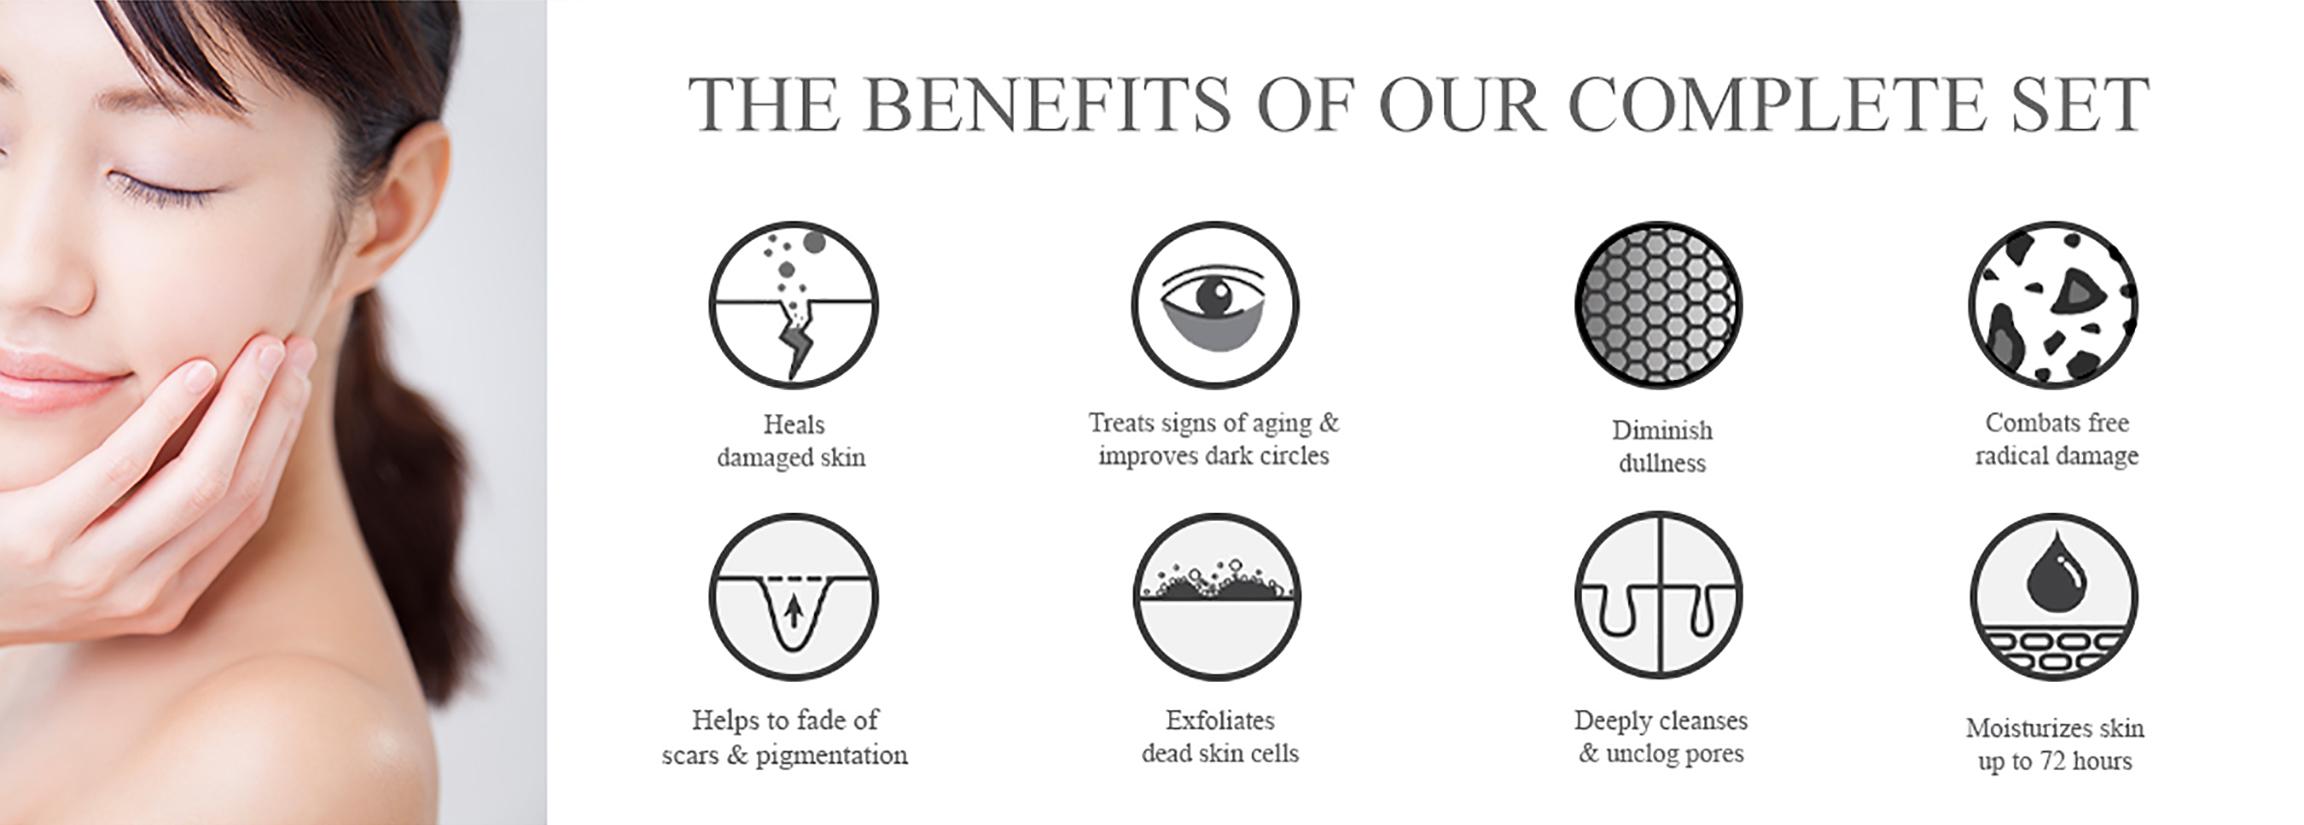 complete-benefits